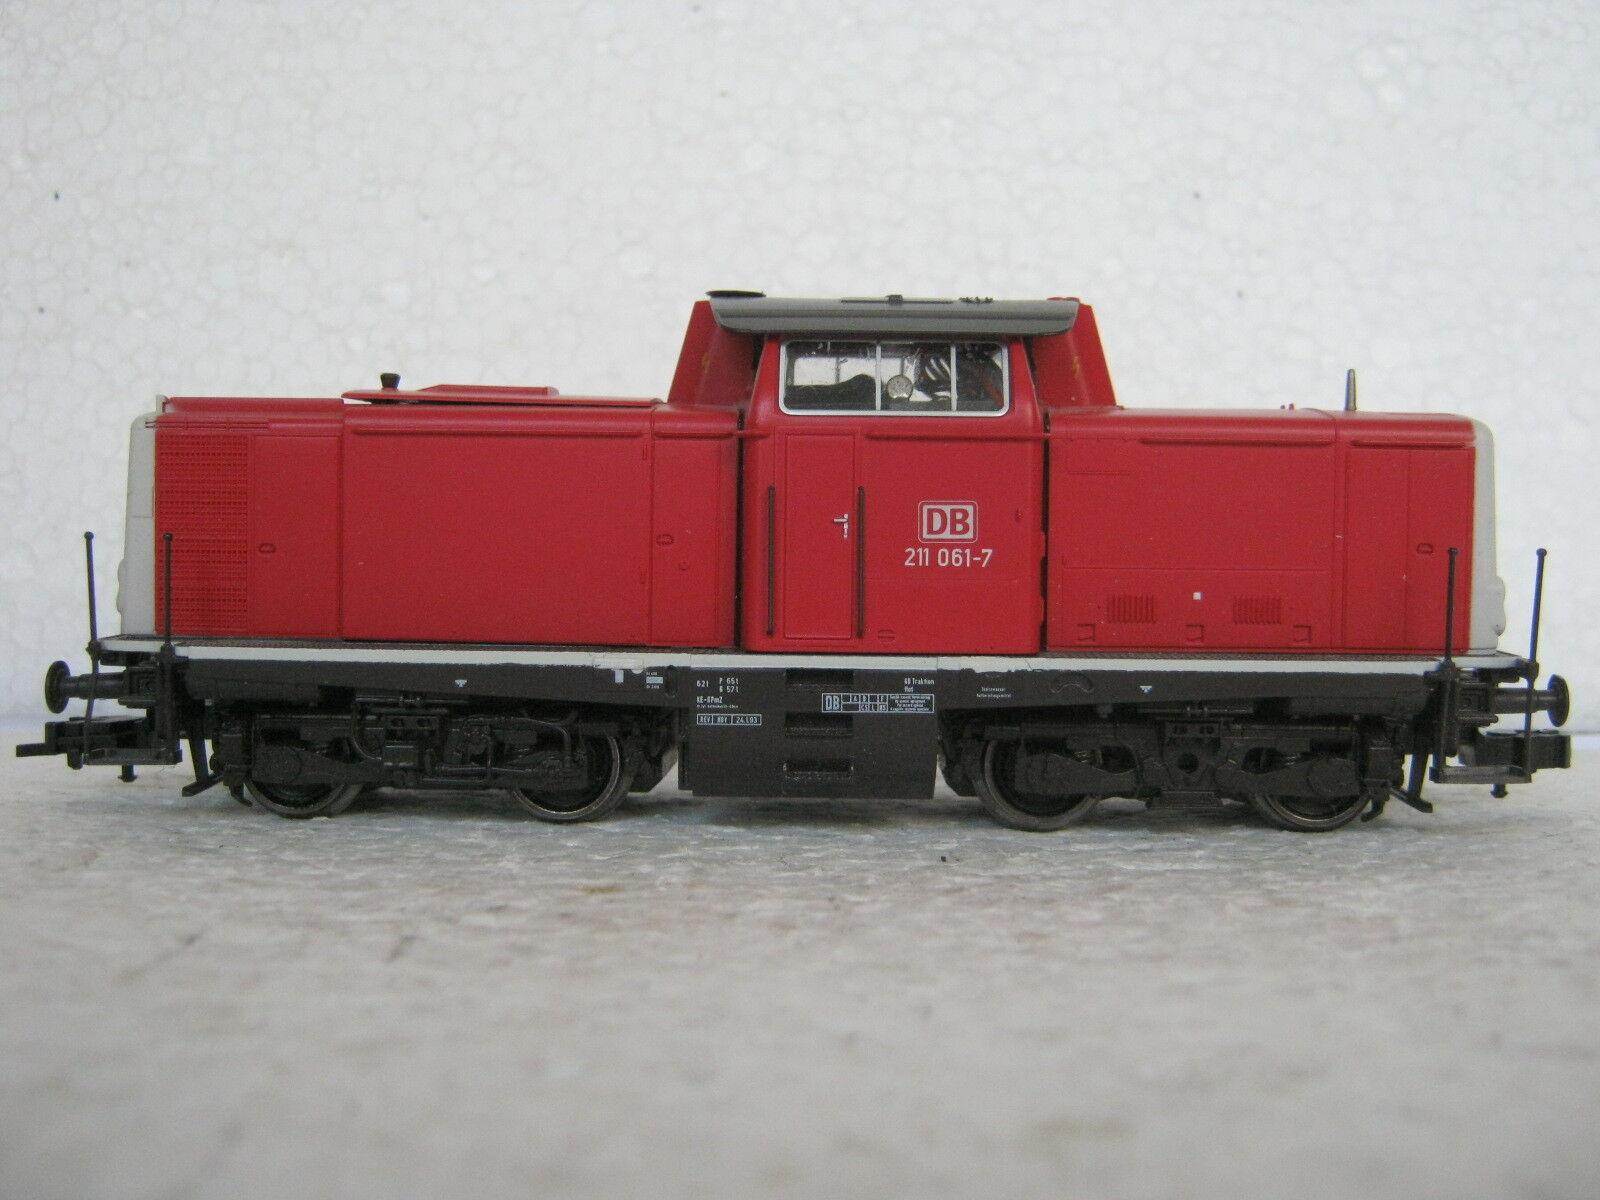 Digital roco ho dc 63416 diesel Lok br 211 061-7 DB (rg cn 192-77r2 1)